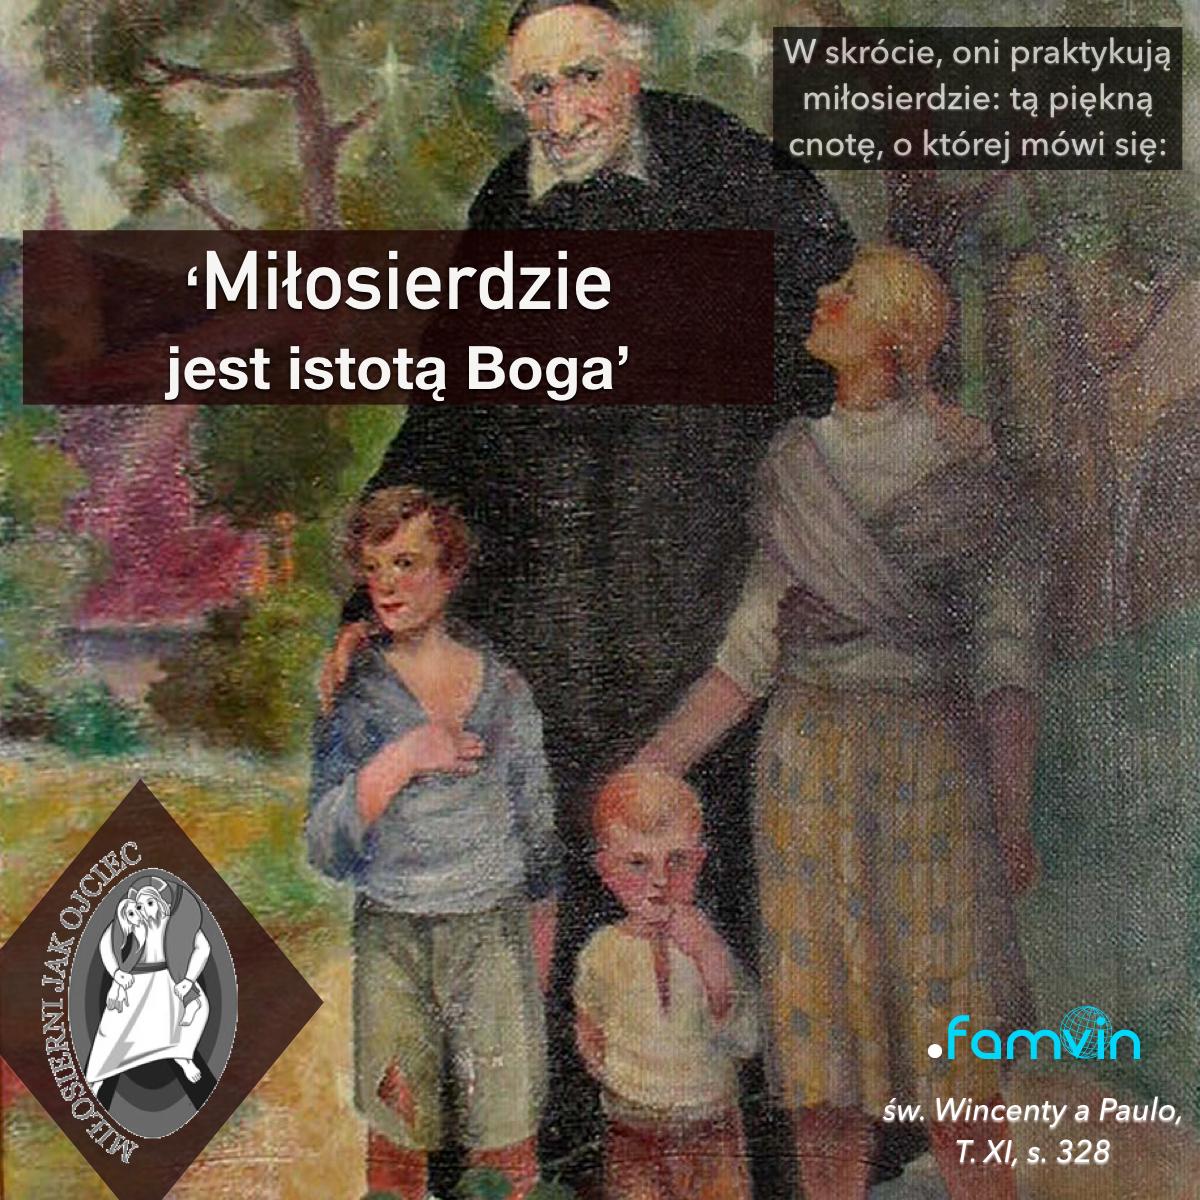 Rok Miłosierdzia po wincentyńsku 11.10.2016